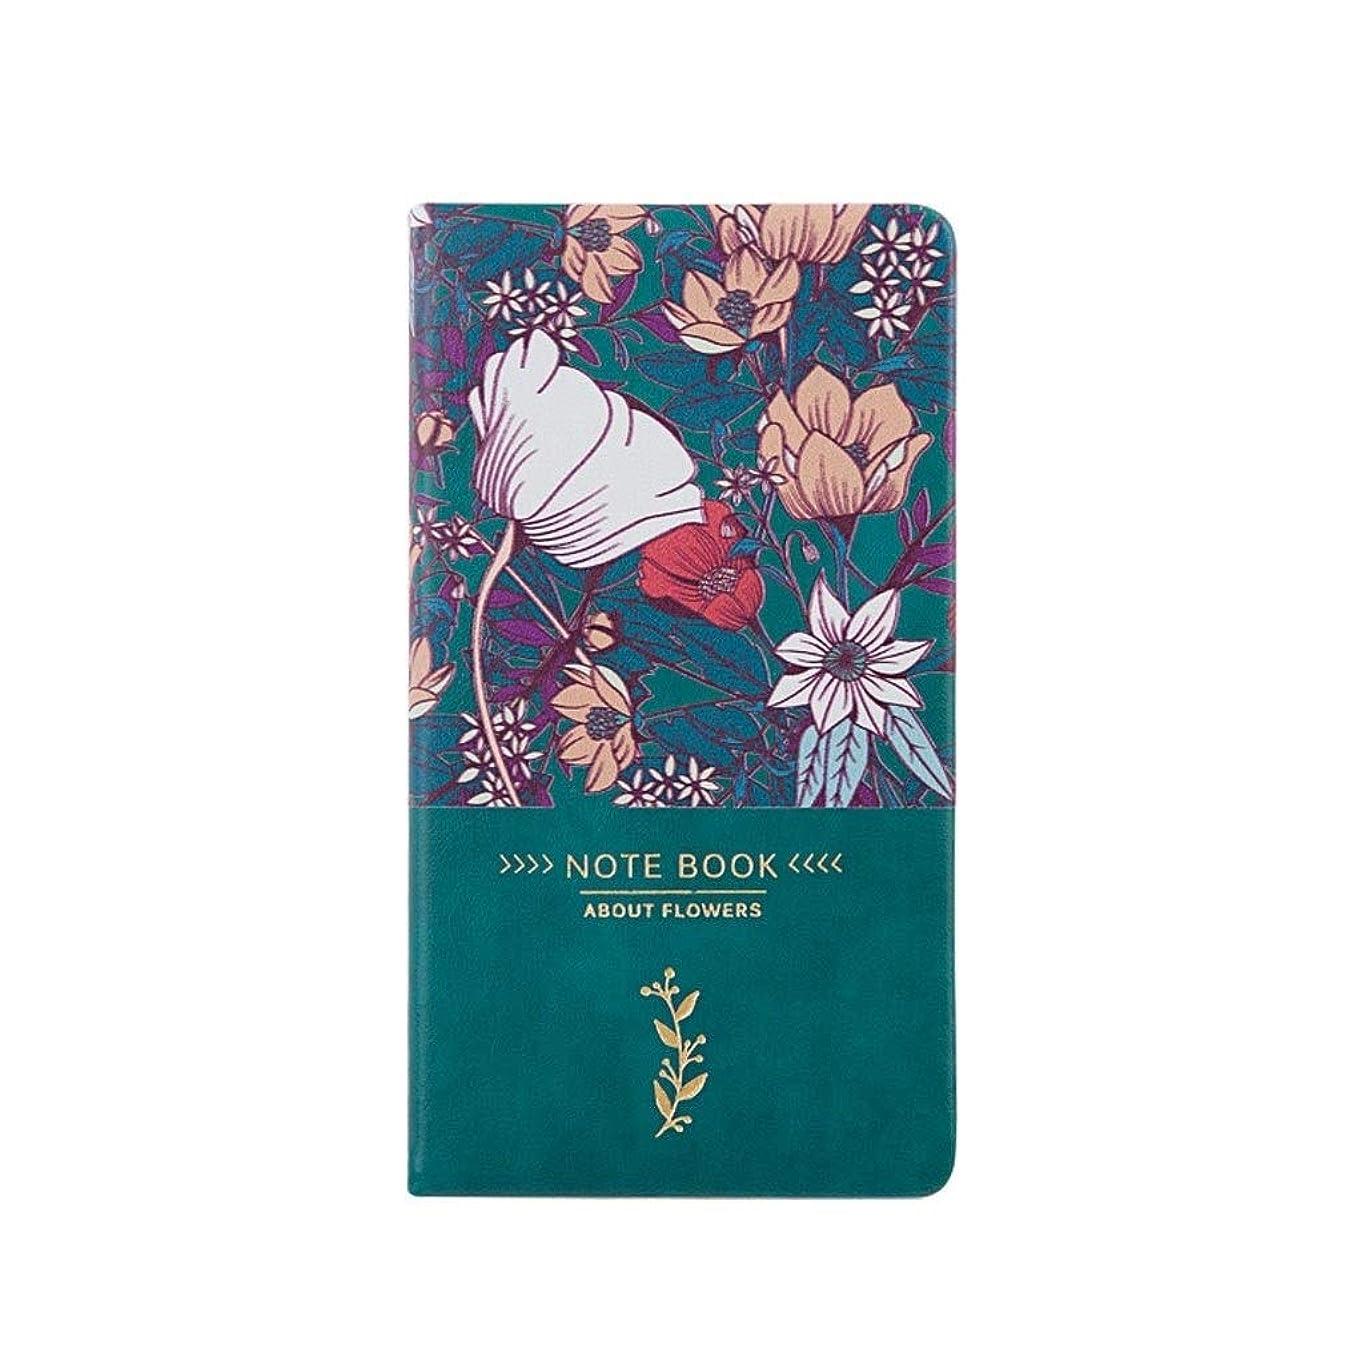 みがきますヘビ慣習ノート 罫線付きノートブック、ジャーナル、パスコード付きのメモ帳日記の書き方PUレザーハードカバー並ぶ日記3.7'x7.0 ' メモ帳 ノート (Color : Green)